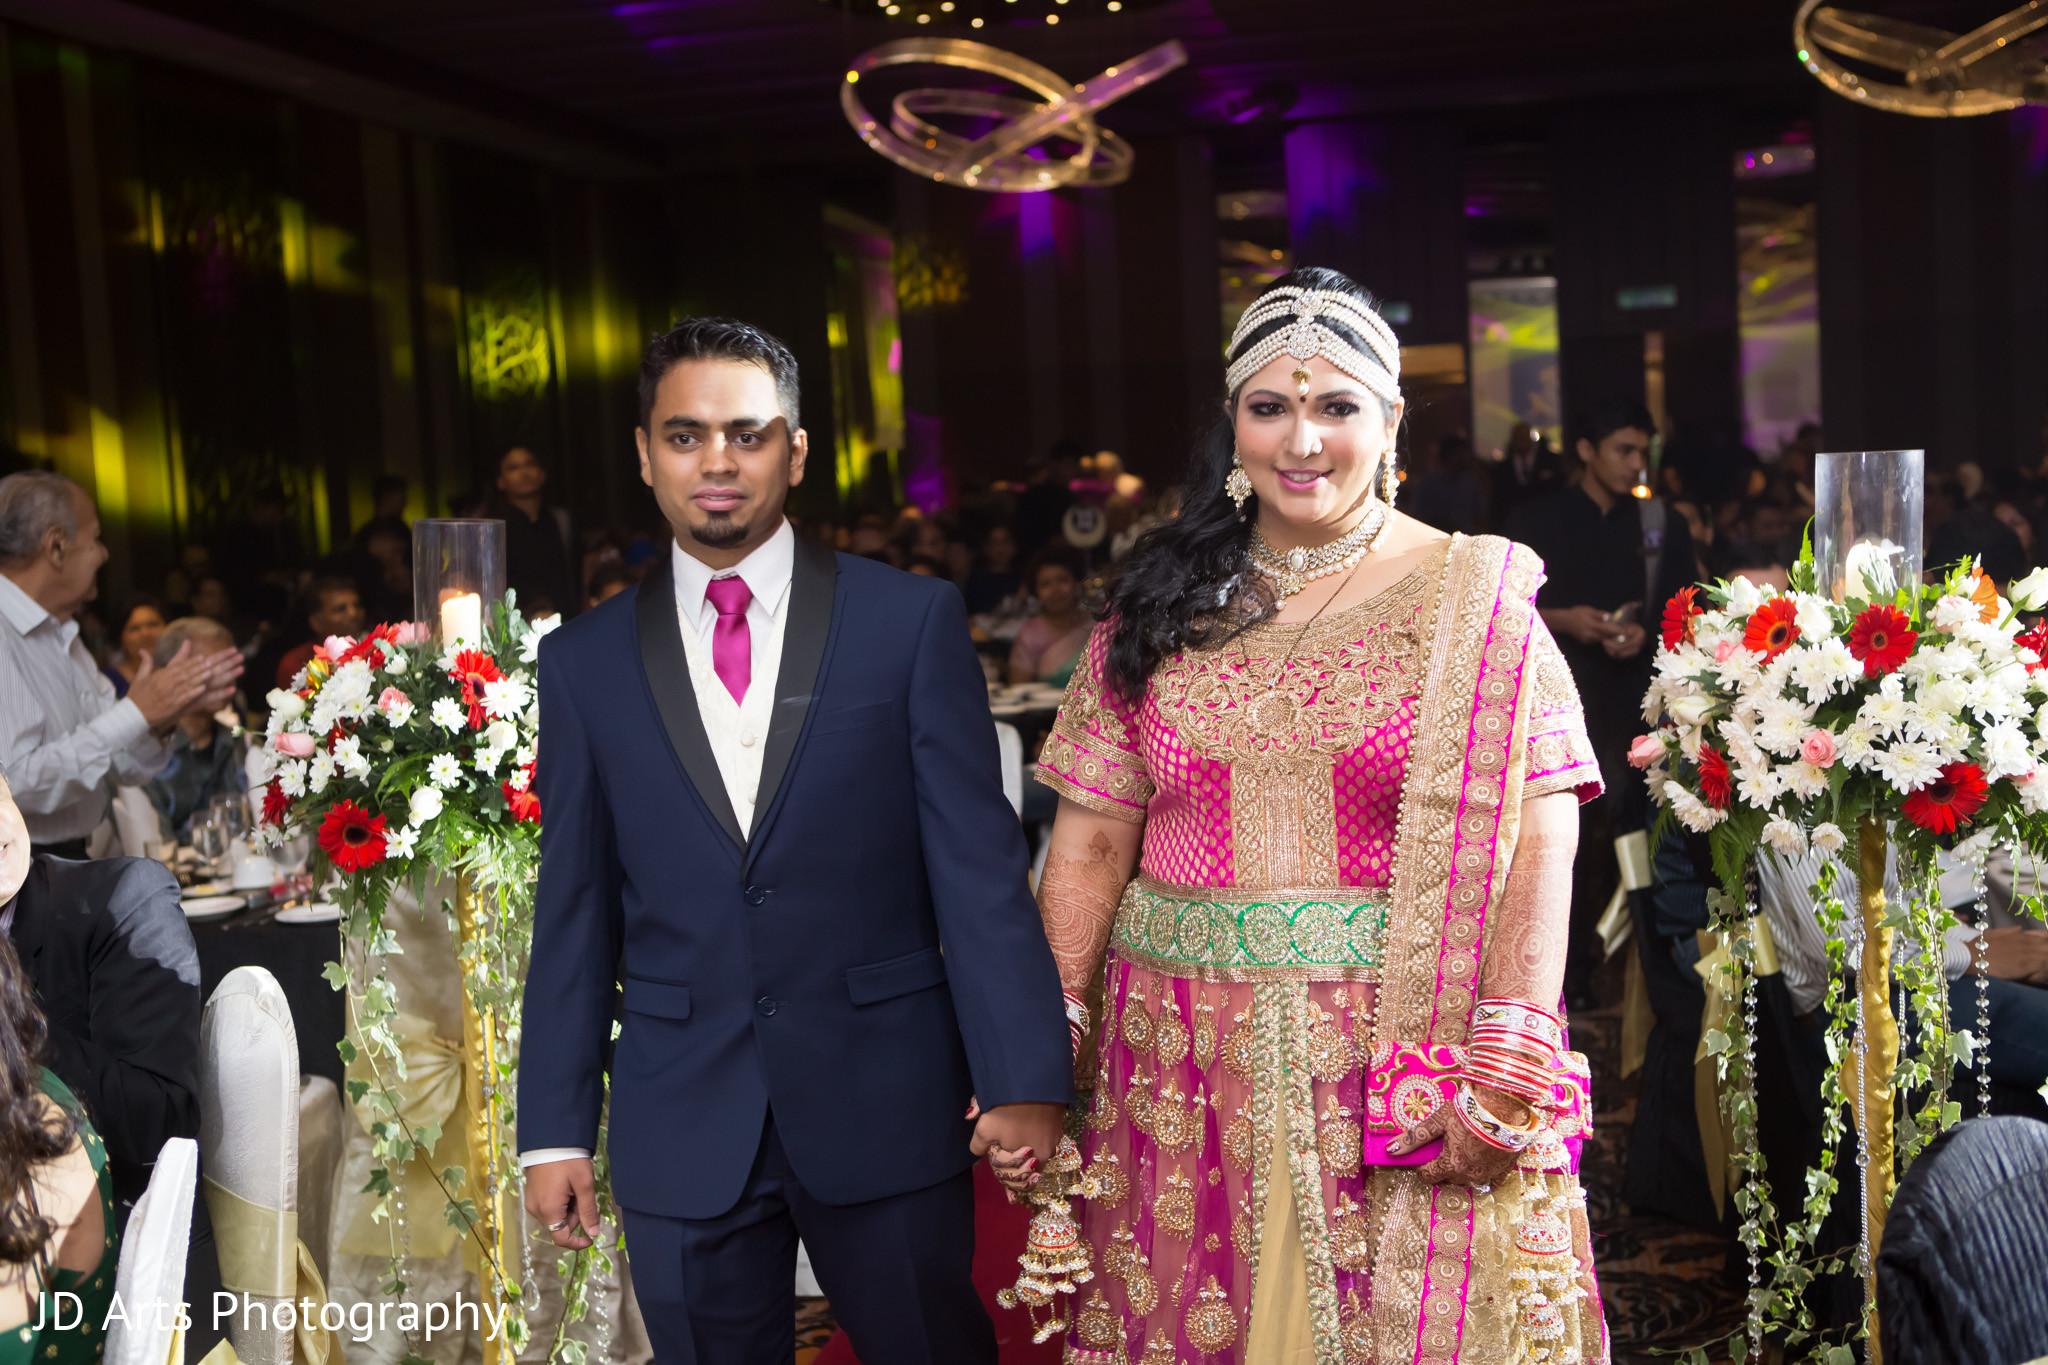 Reception in kuala lumpur malaysia indian wedding by jd arts reception in kuala lumpur malaysia indian wedding by jd arts photography maharani weddings junglespirit Gallery